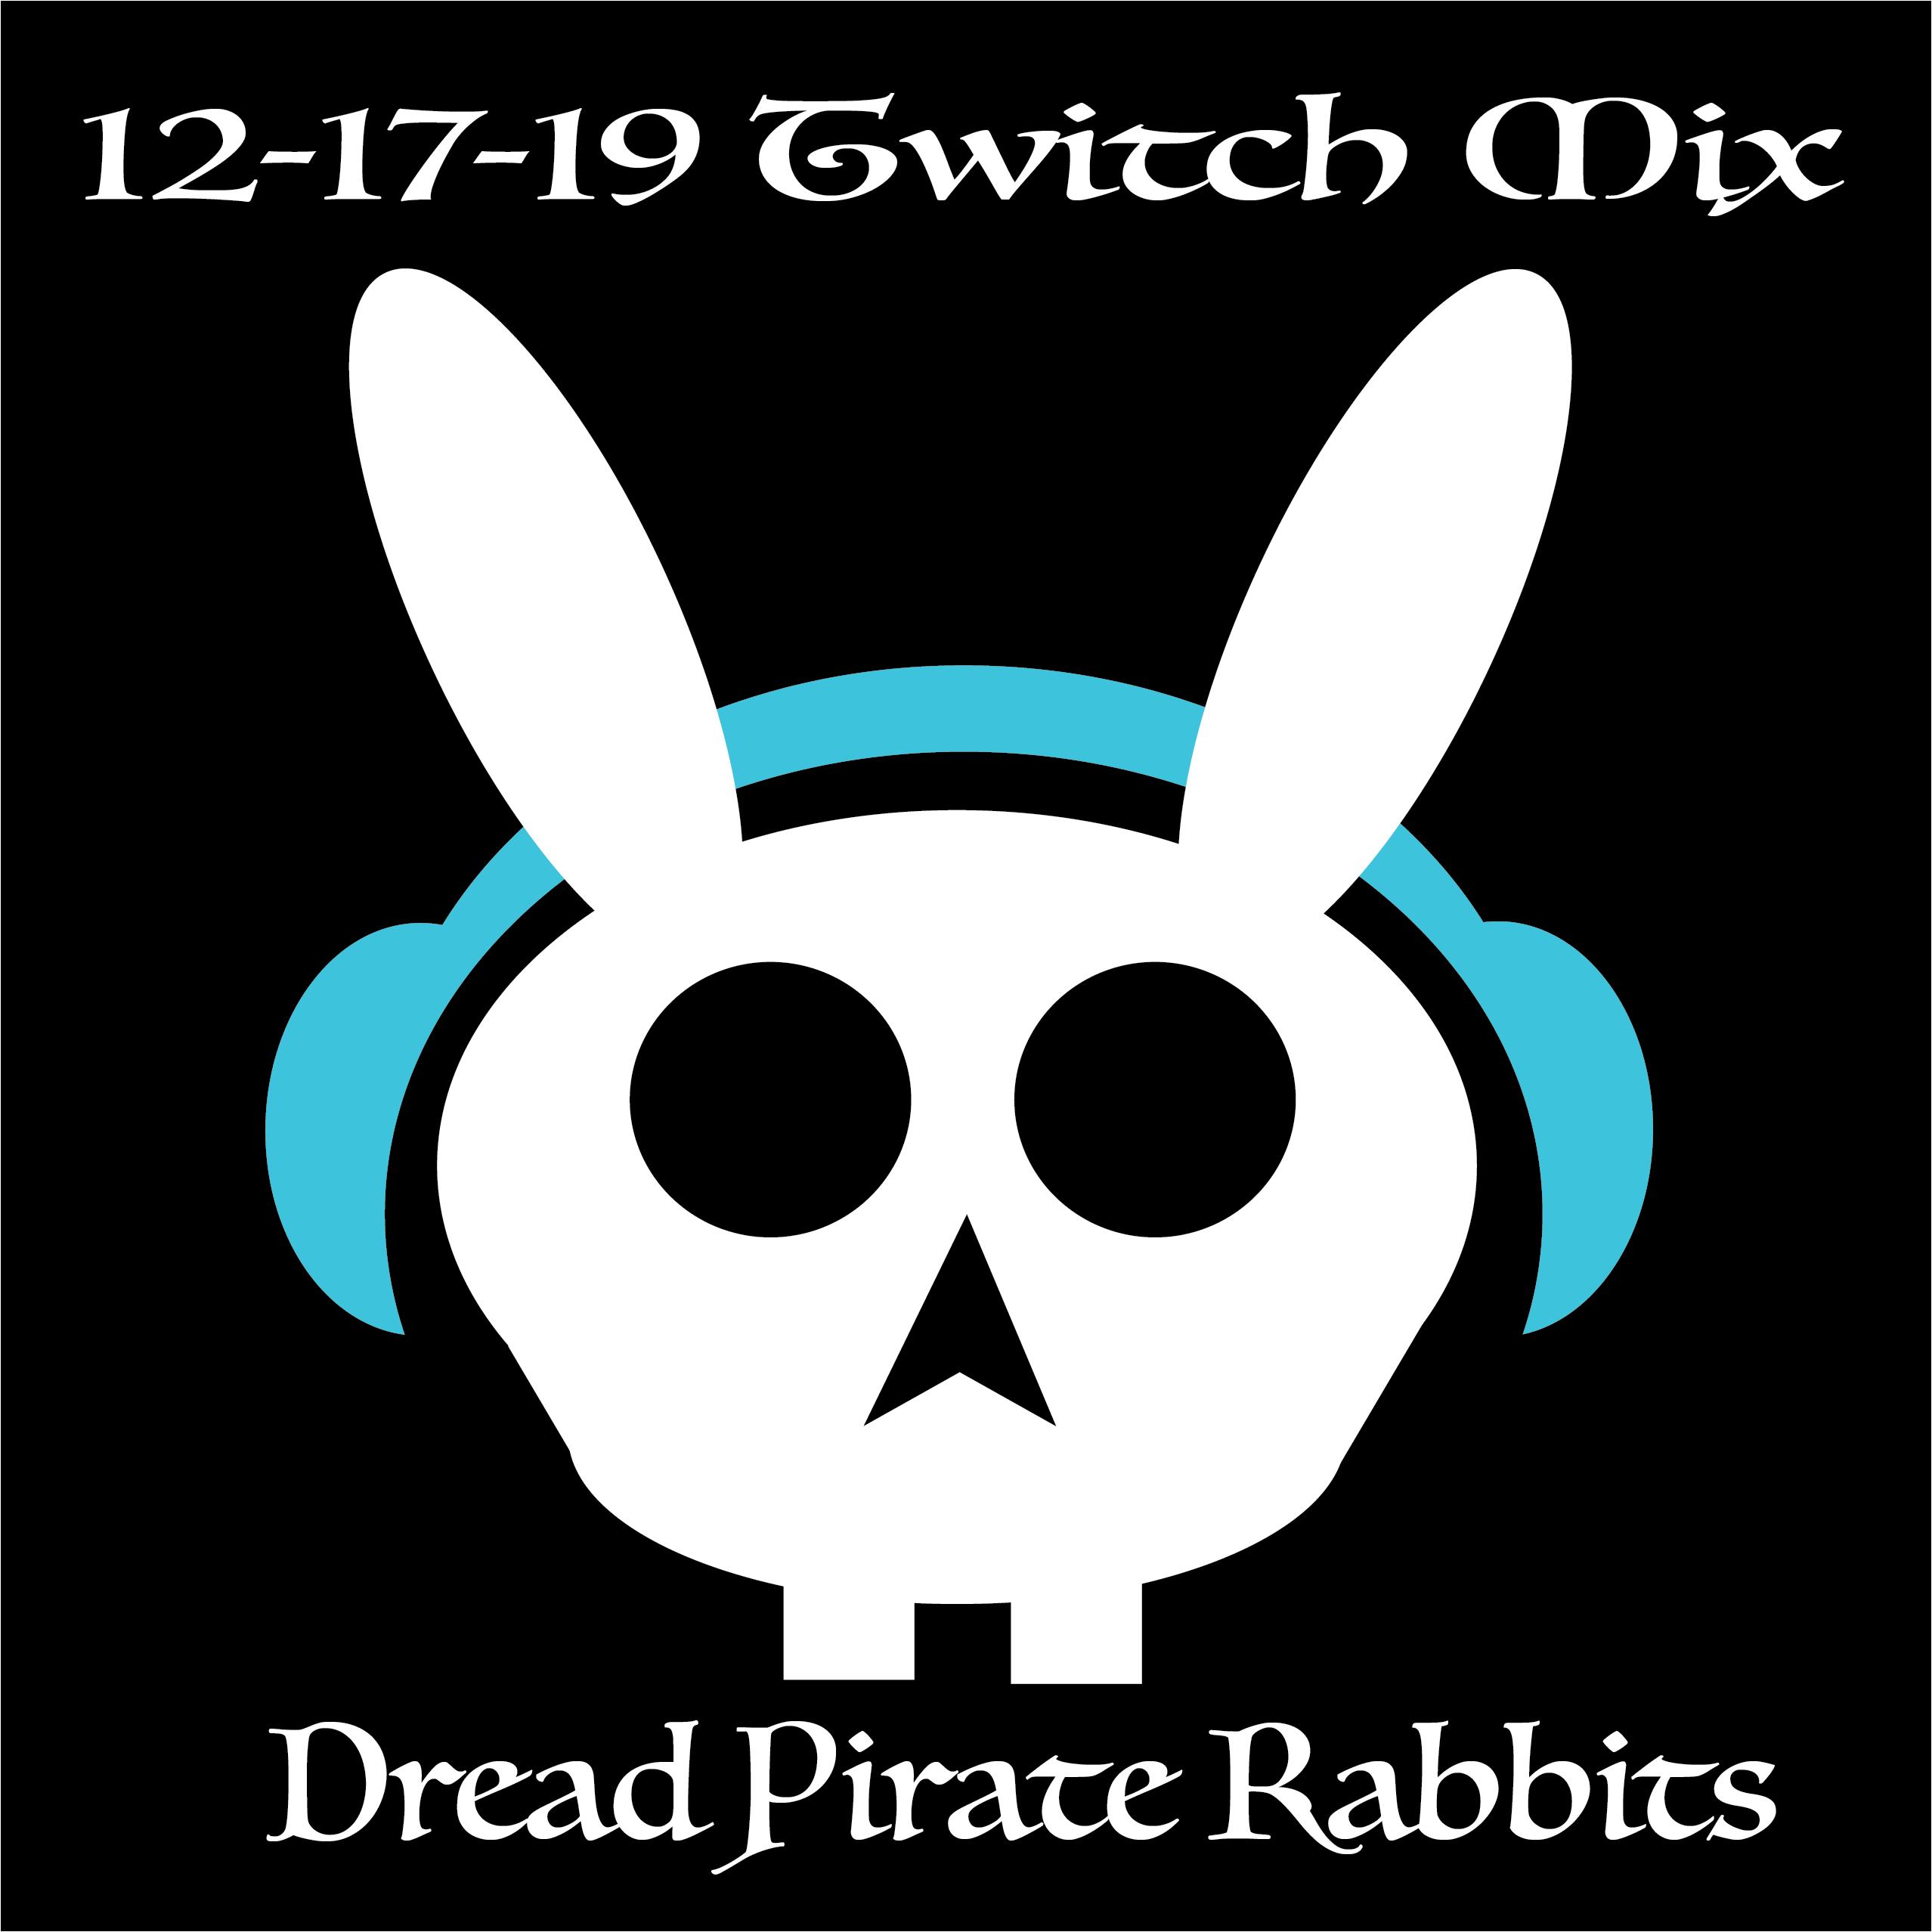 Twitch Stream 12-17-19